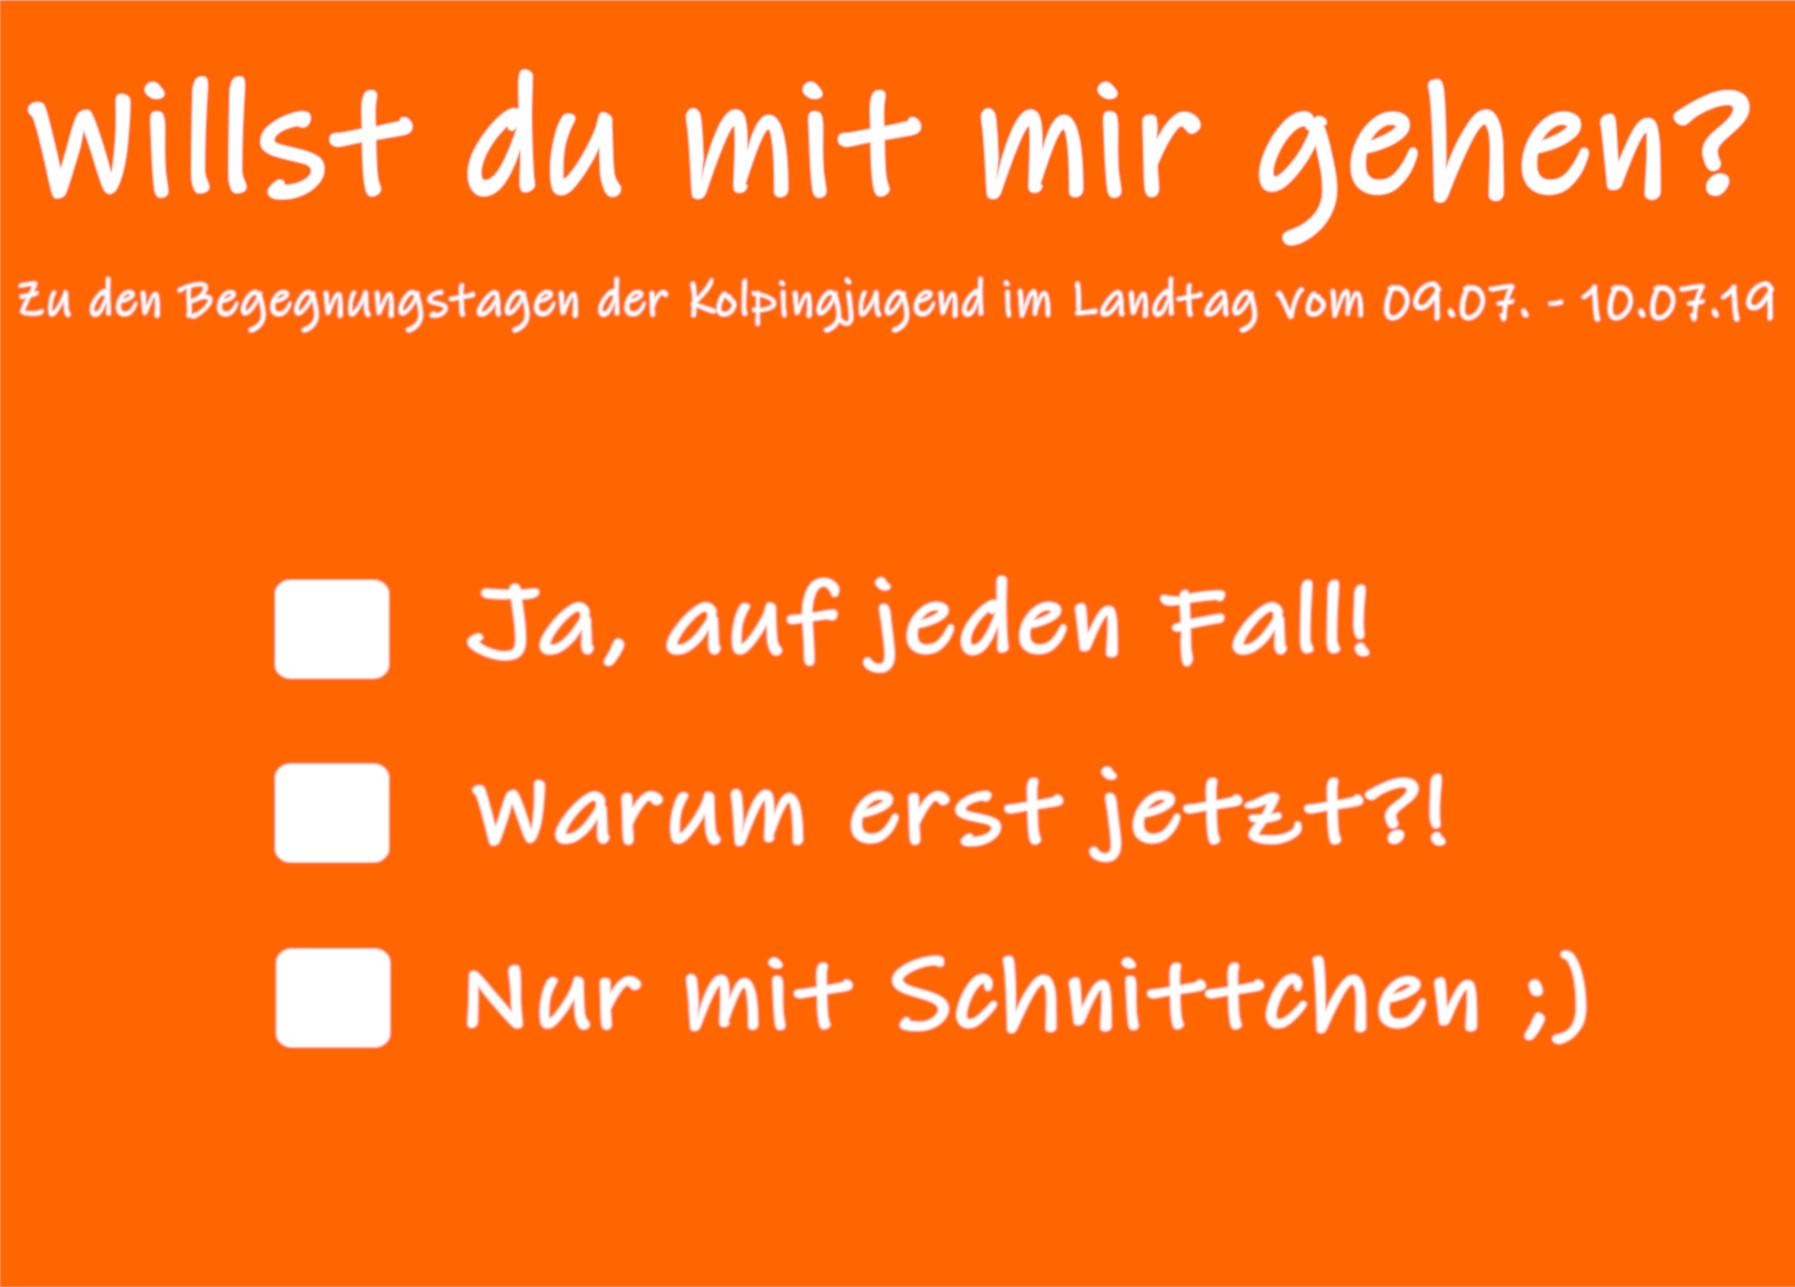 Willst du mit mir gehen? – Begegnungstage der Kolpingjugend NRW im Landtag